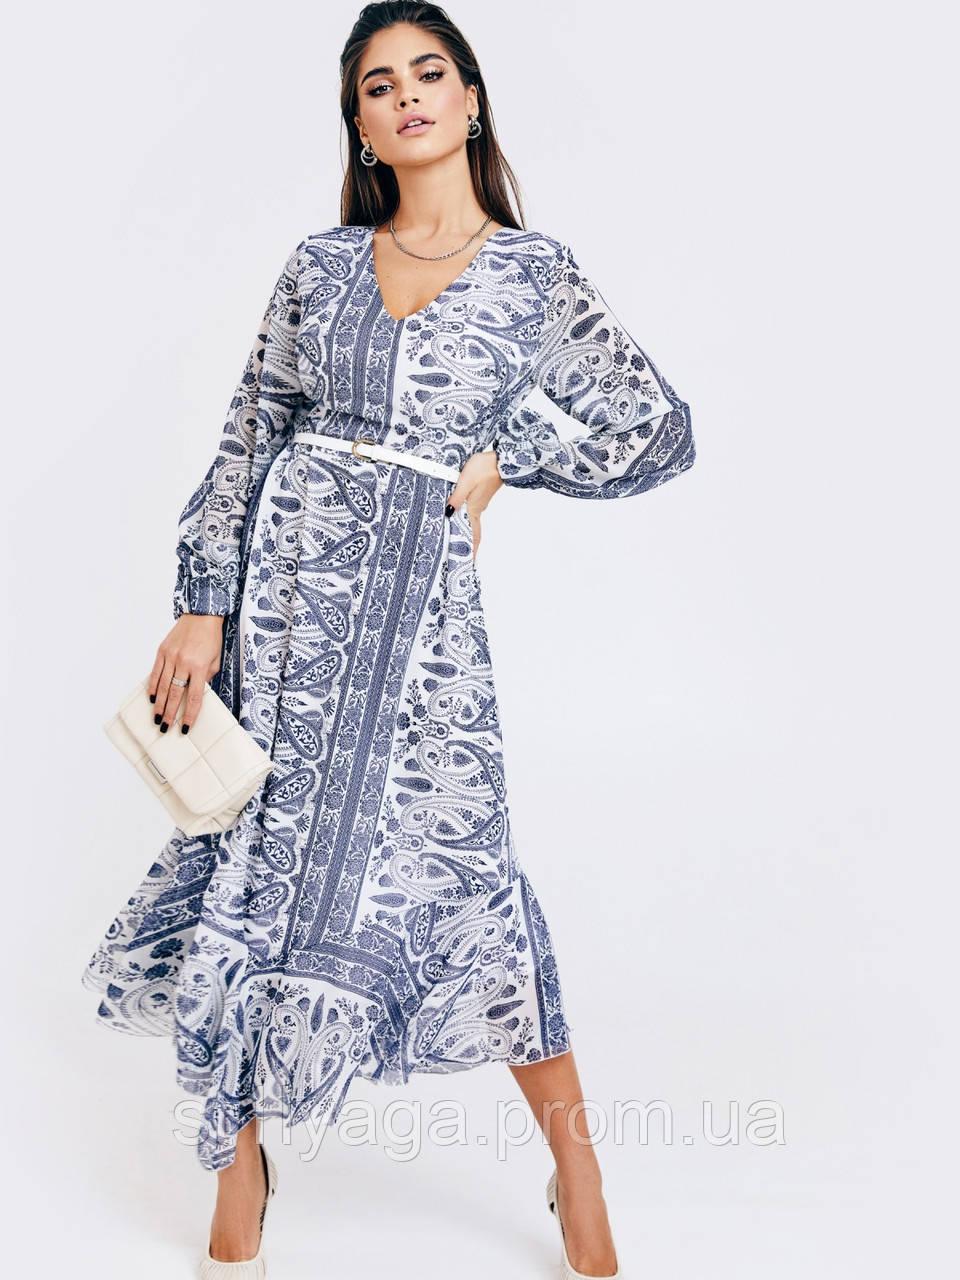 Шифонове плаття з принтом і асиметричний подолом